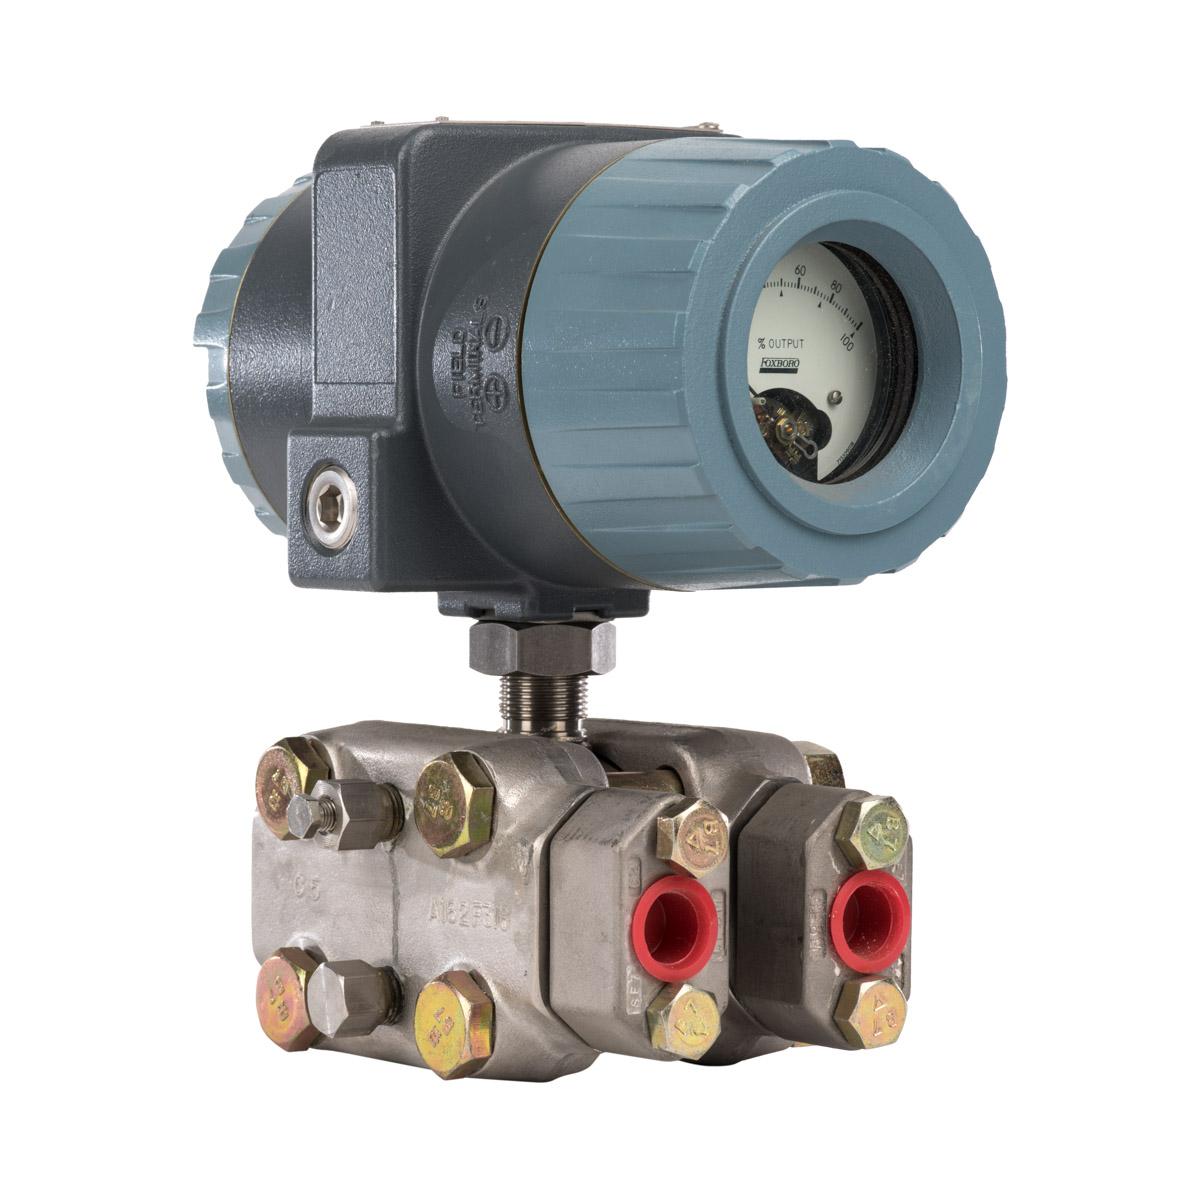 Foxboro 823DP D/P Pressure Transmitter